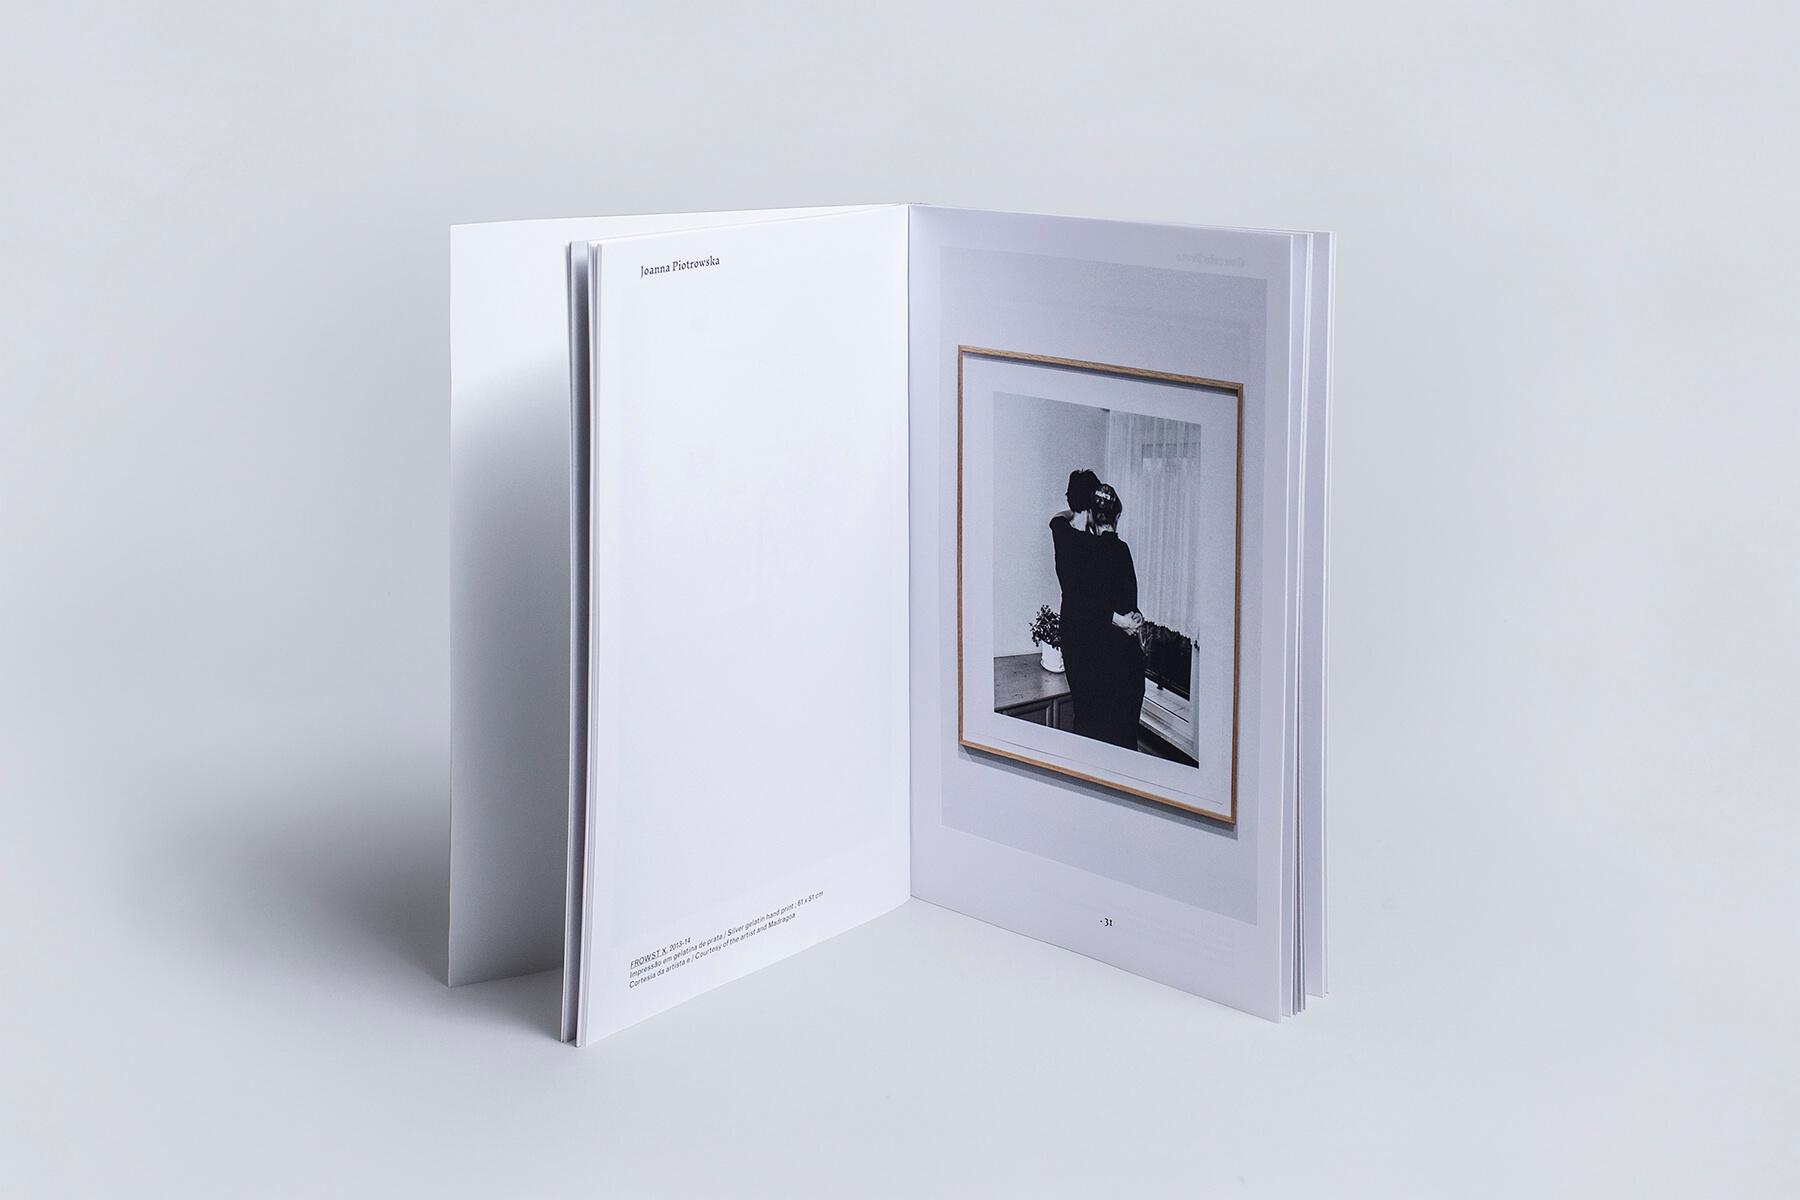 sever sara de chiara fotografia fabio cunha galerias muunicipais